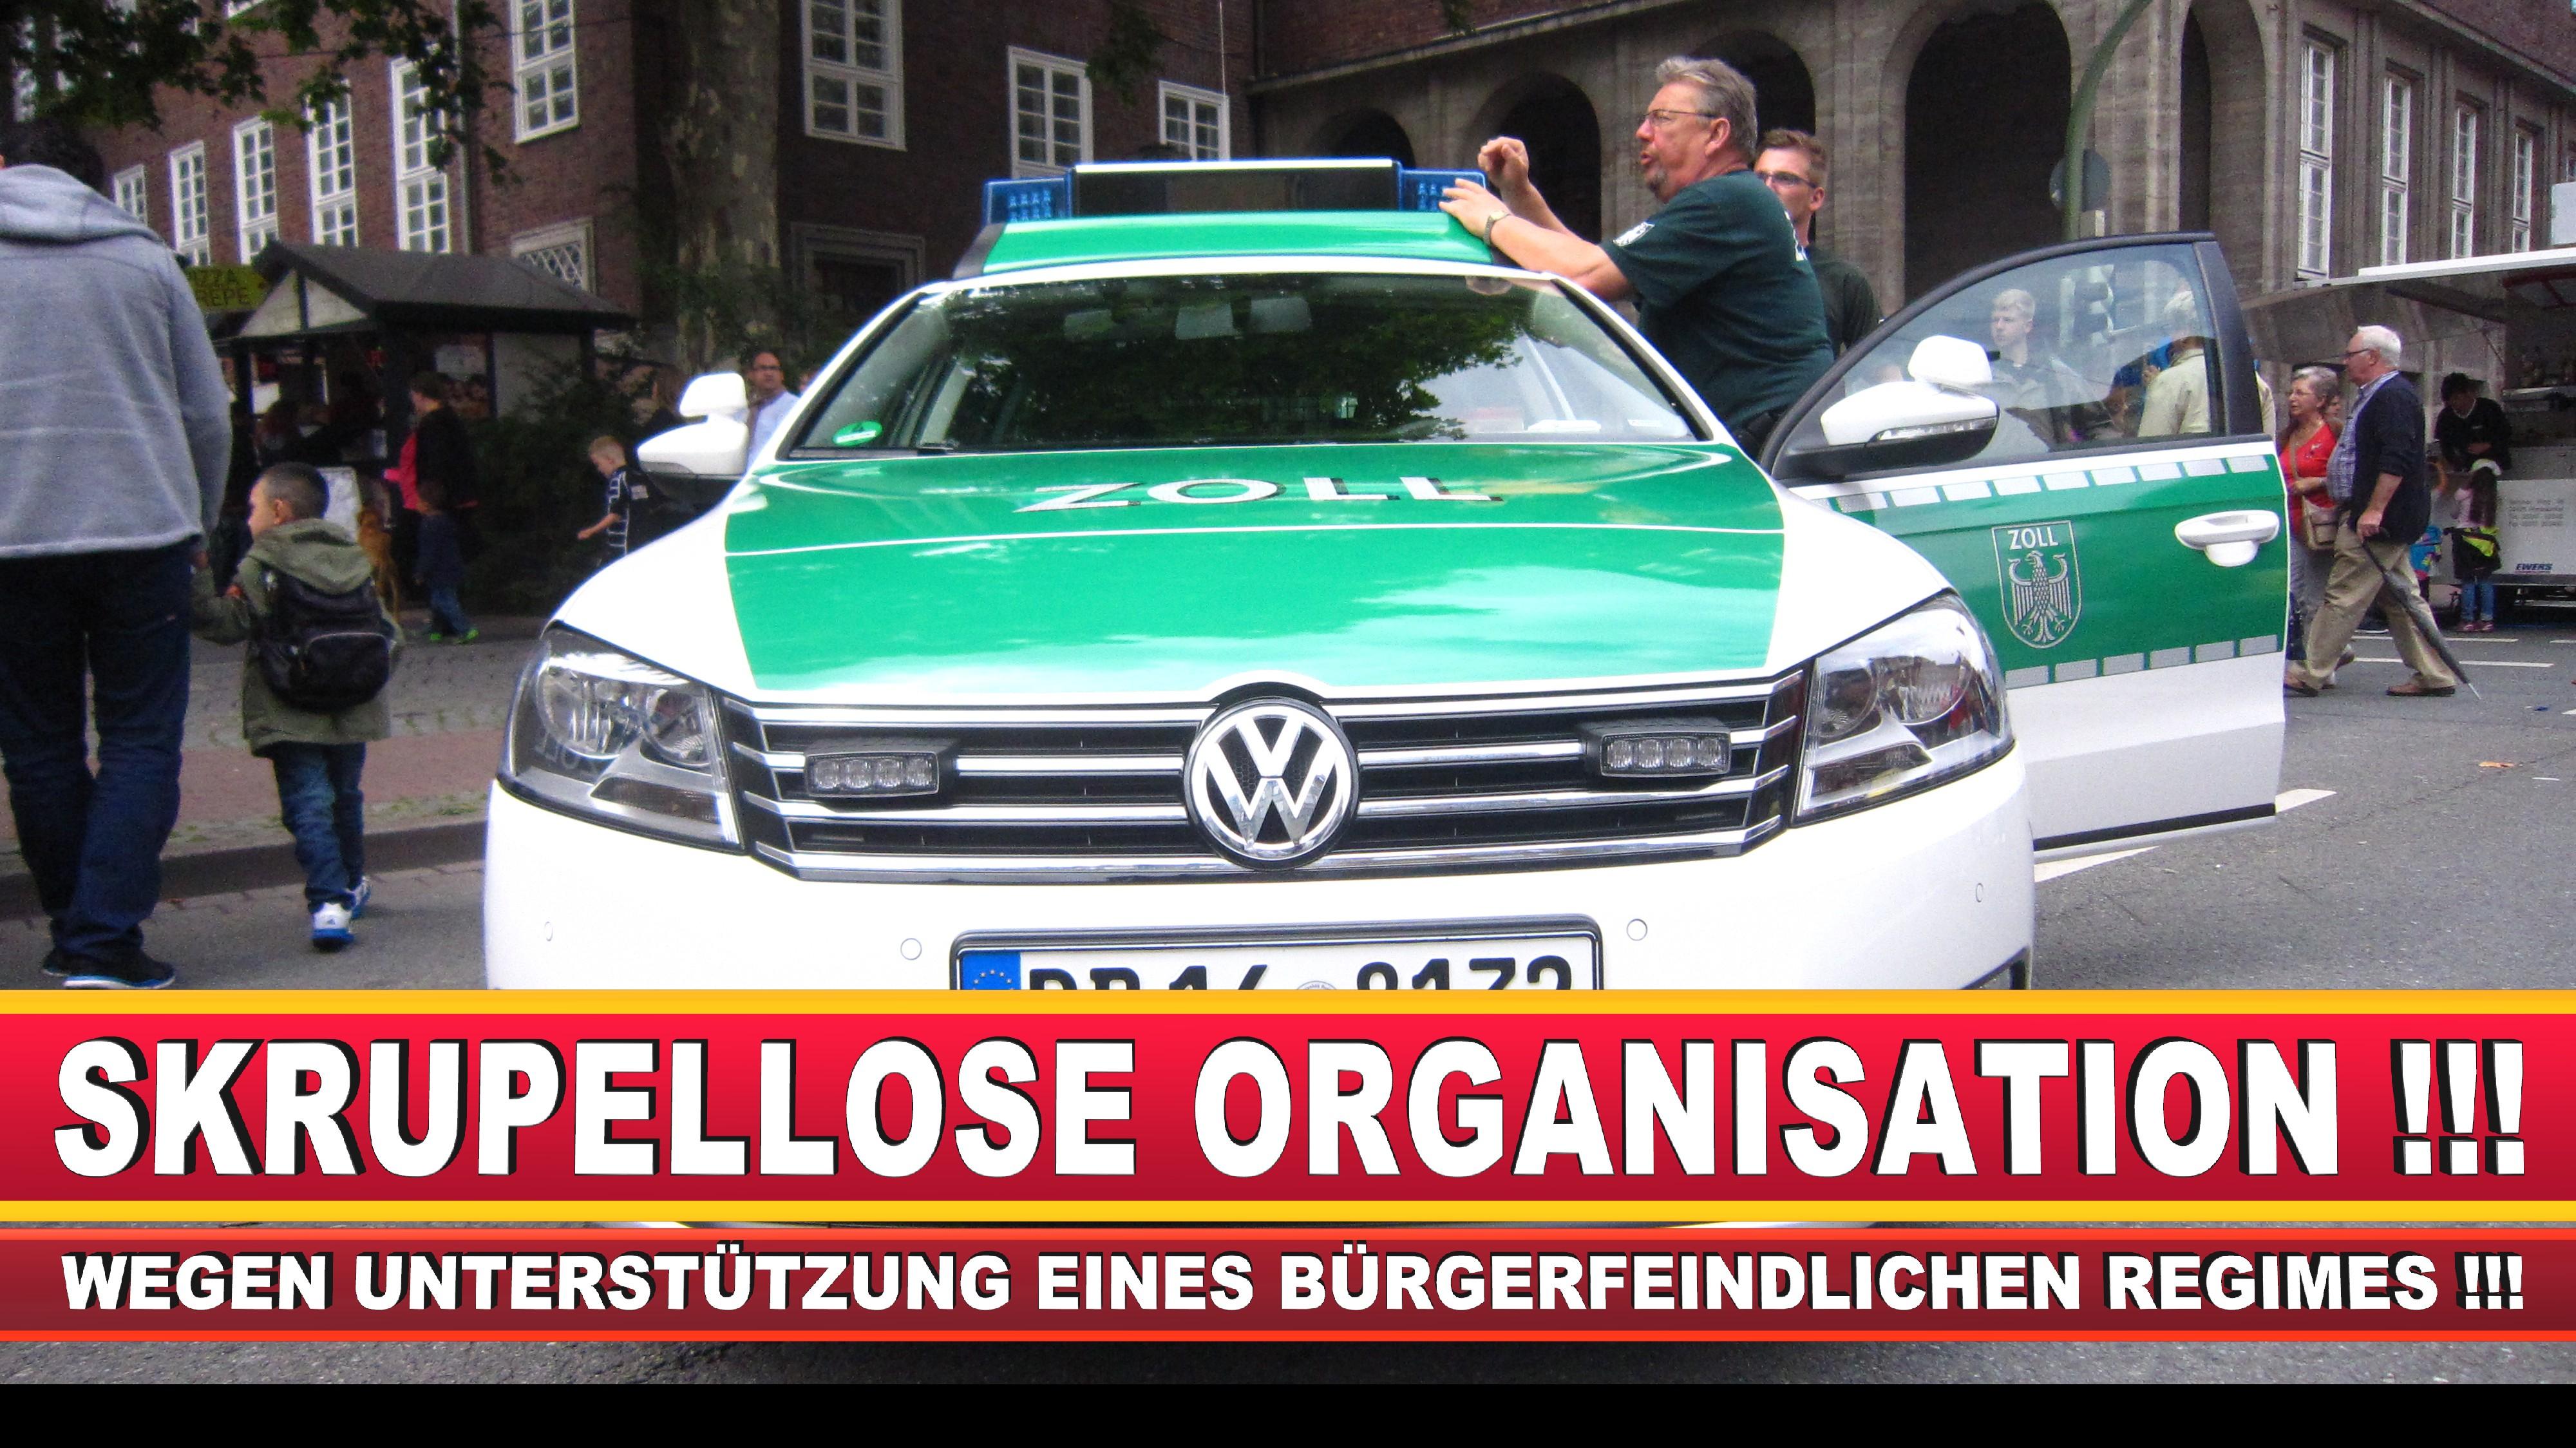 Polizeipräsidentin Katharina Giere Polizei Bielefeld NRW Erwin Südfeld Horst Kruse Polizeiuniform Polizeigewalt DEMONSTRATION Bahnhof (36)